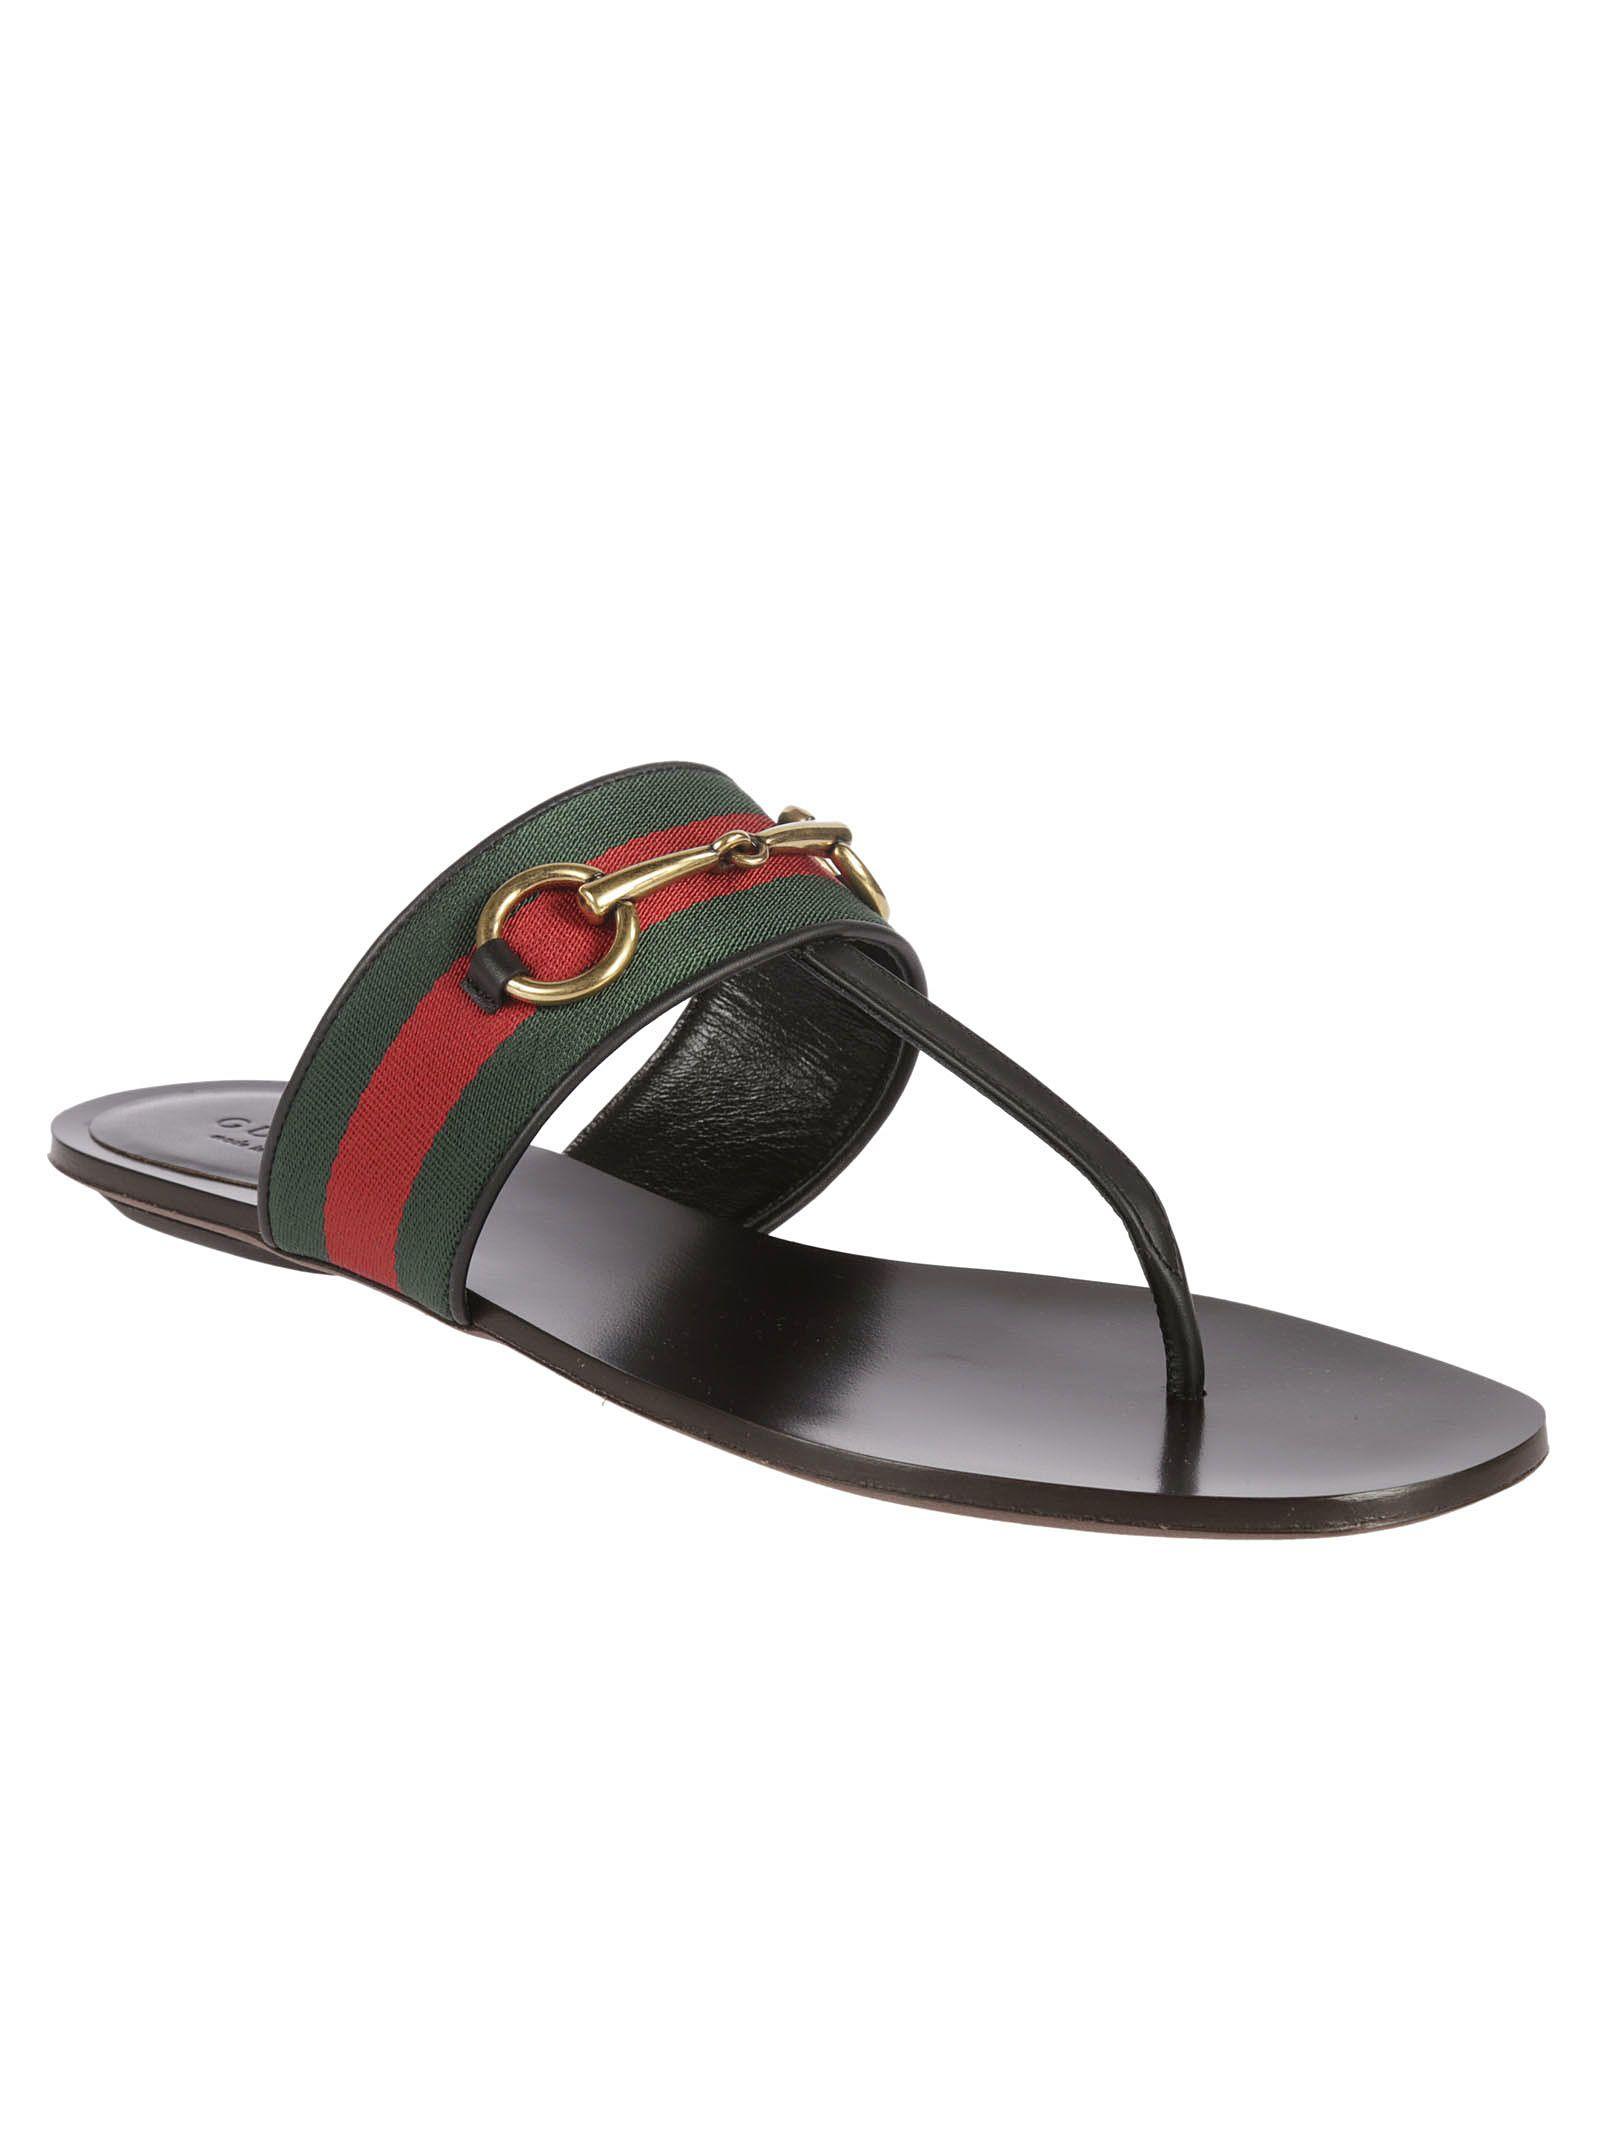 Gucci Gucci Horsebit Flip Flops - Black - 5945296  Italist-9114